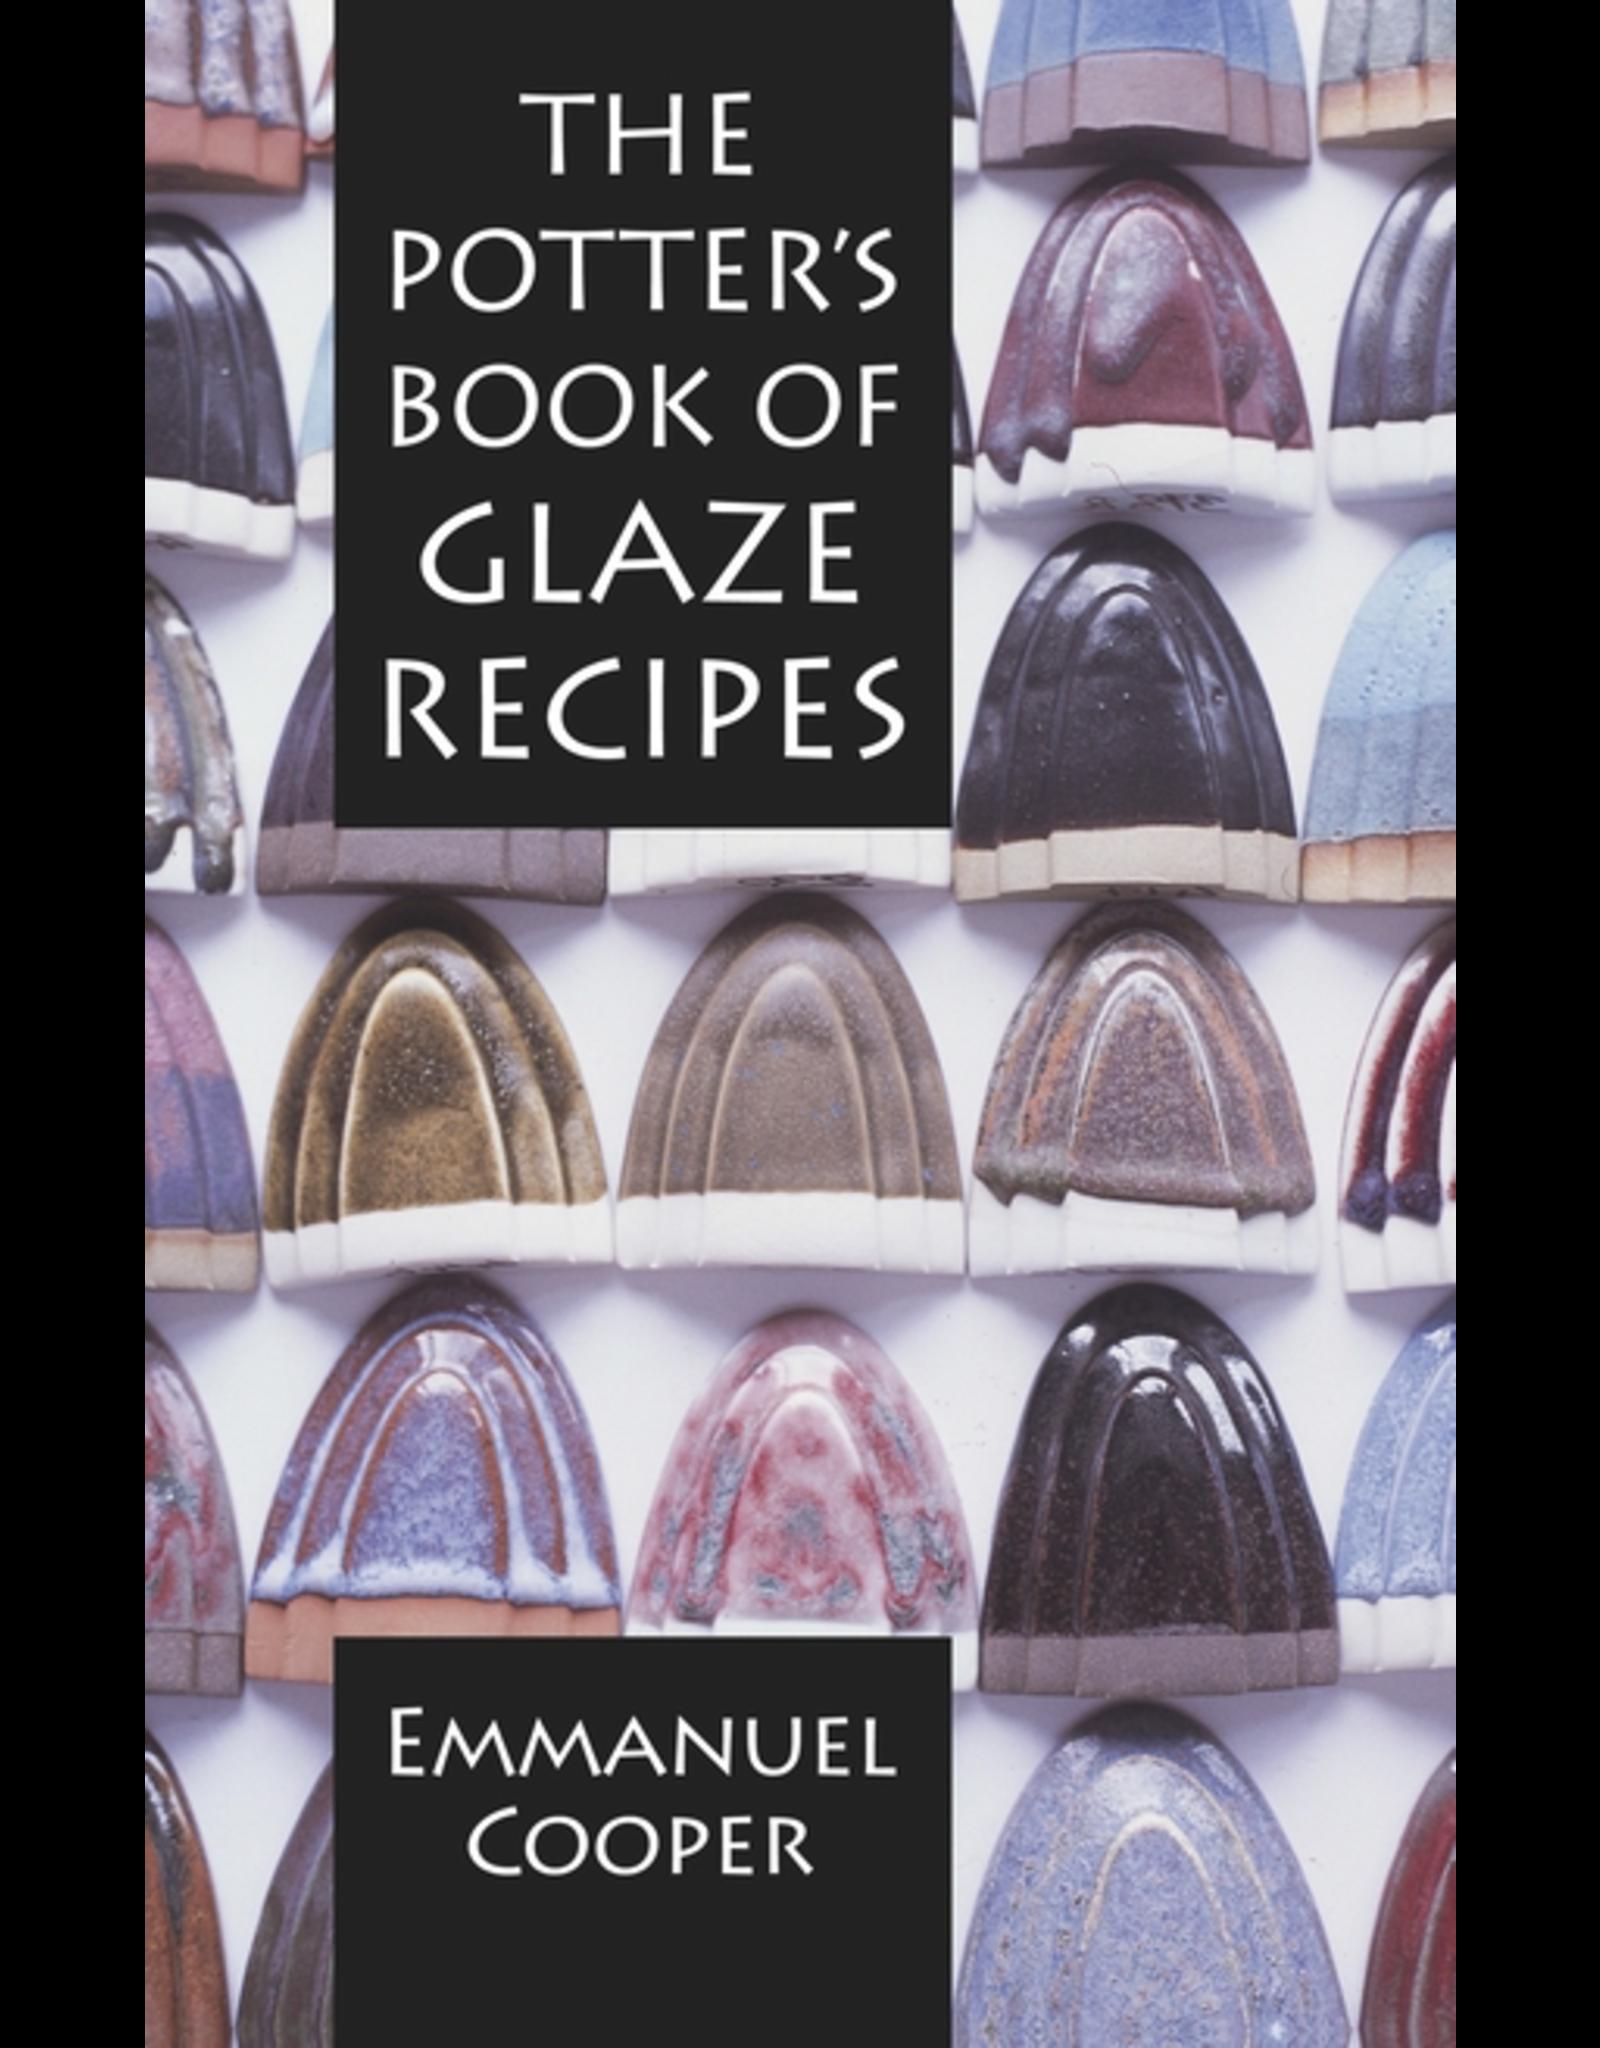 The potter's book of Glaze recipes - Emmanual Cooper